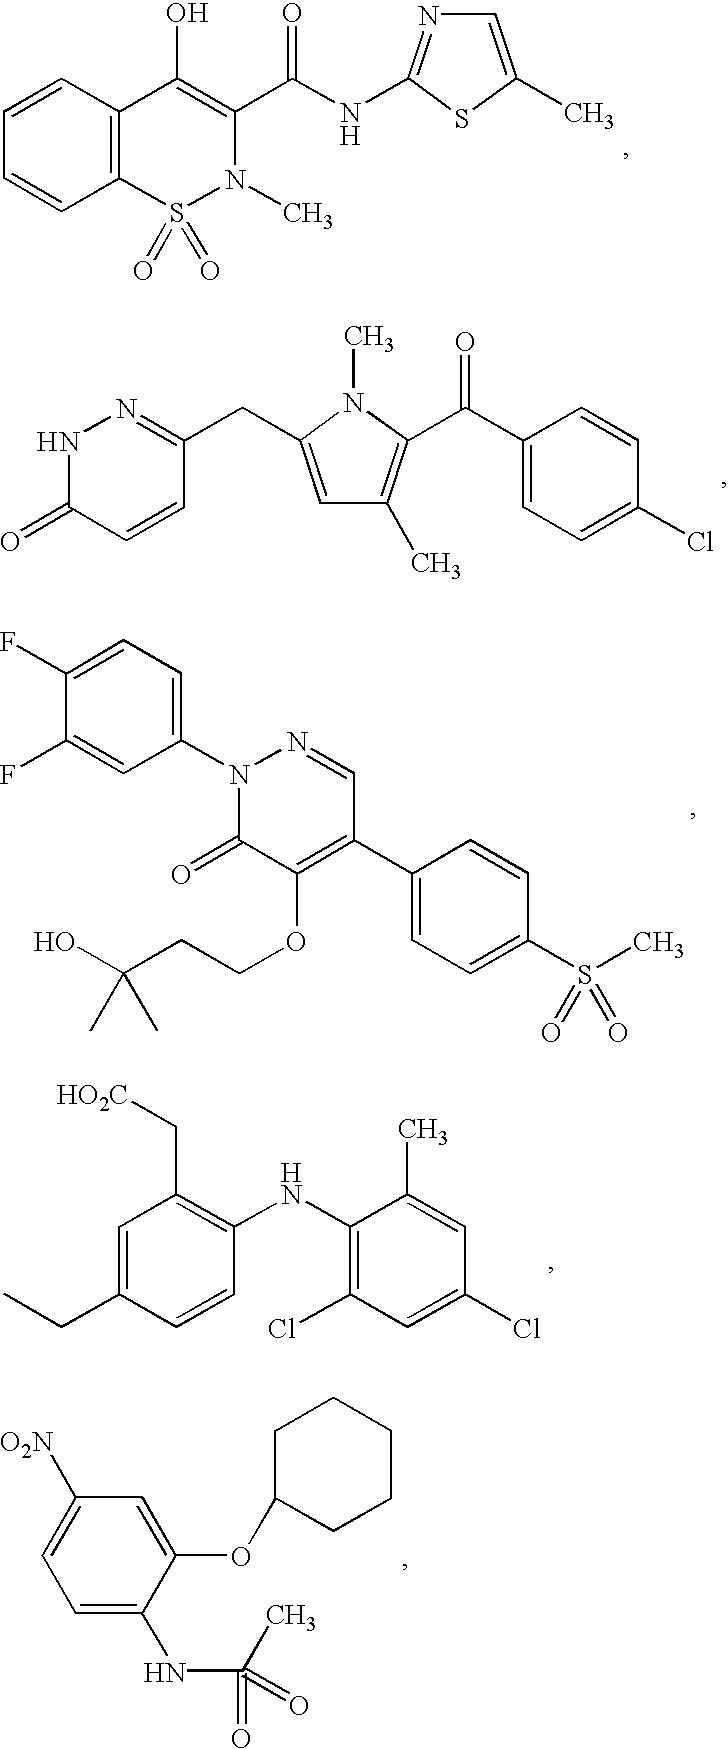 Figure US20030211163A1-20031113-C00036